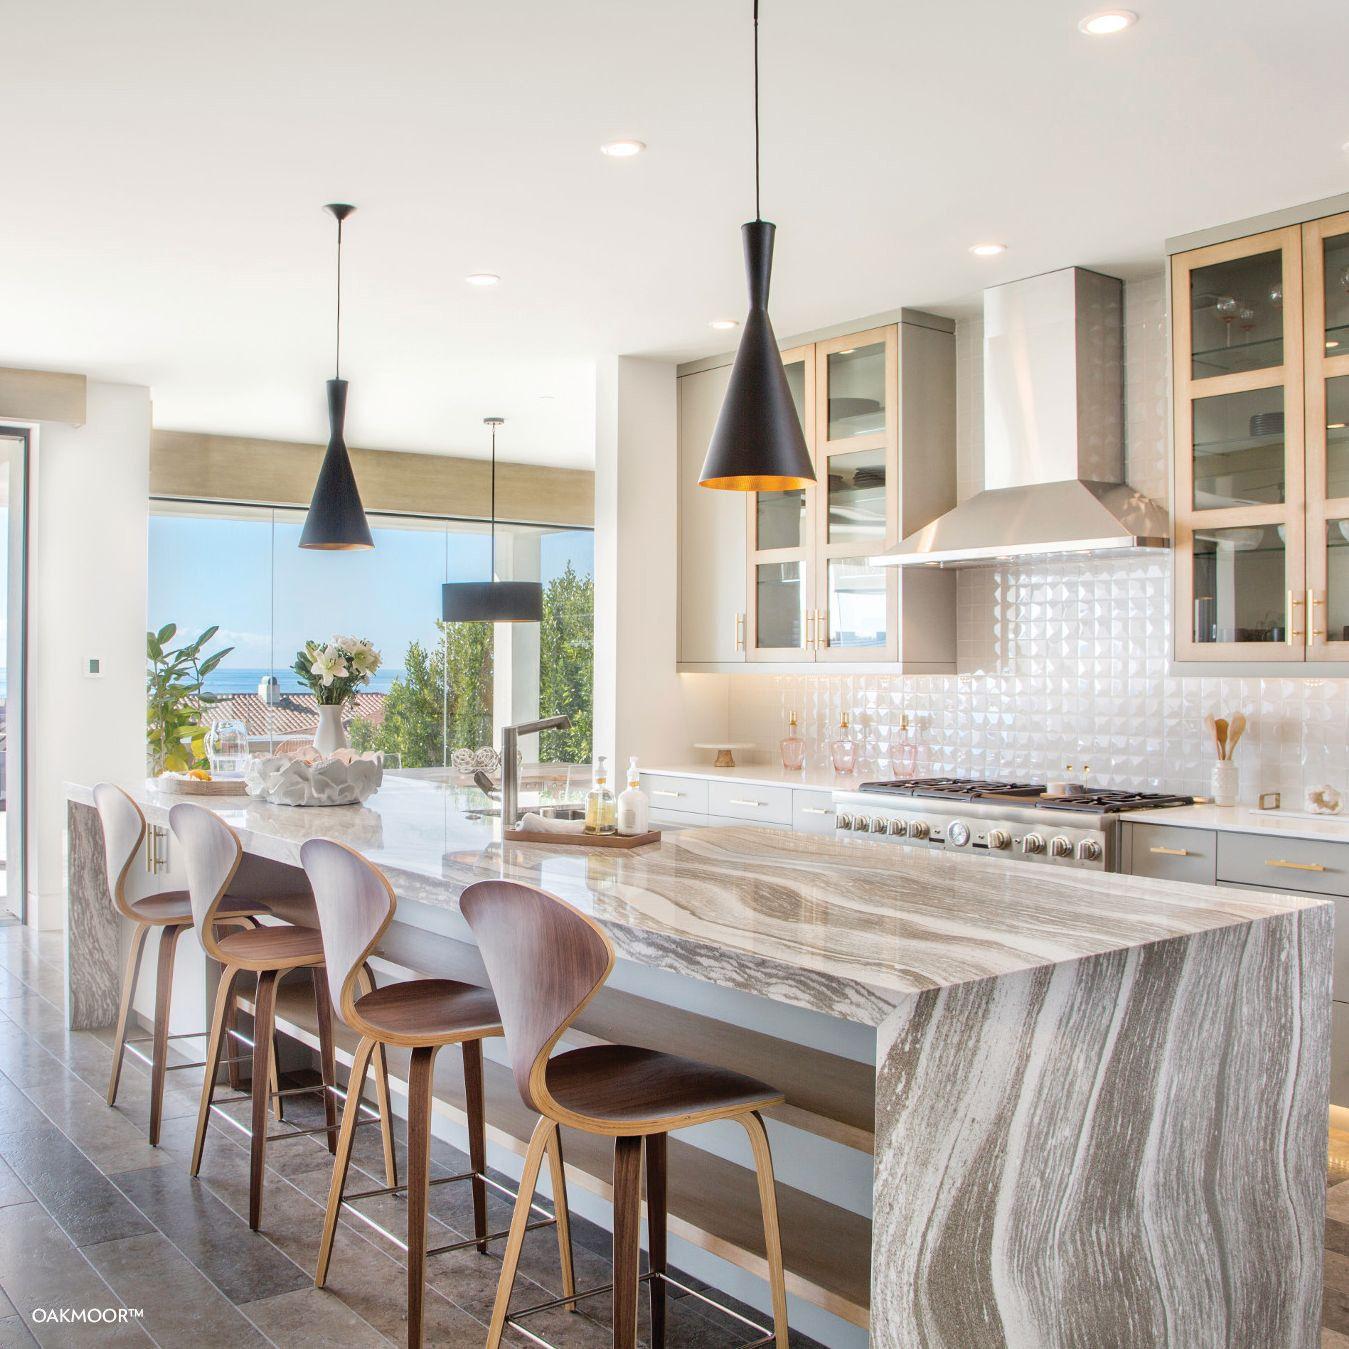 Cambria-oakmoor-quartz-countertop-versus-wood-kitchen-island